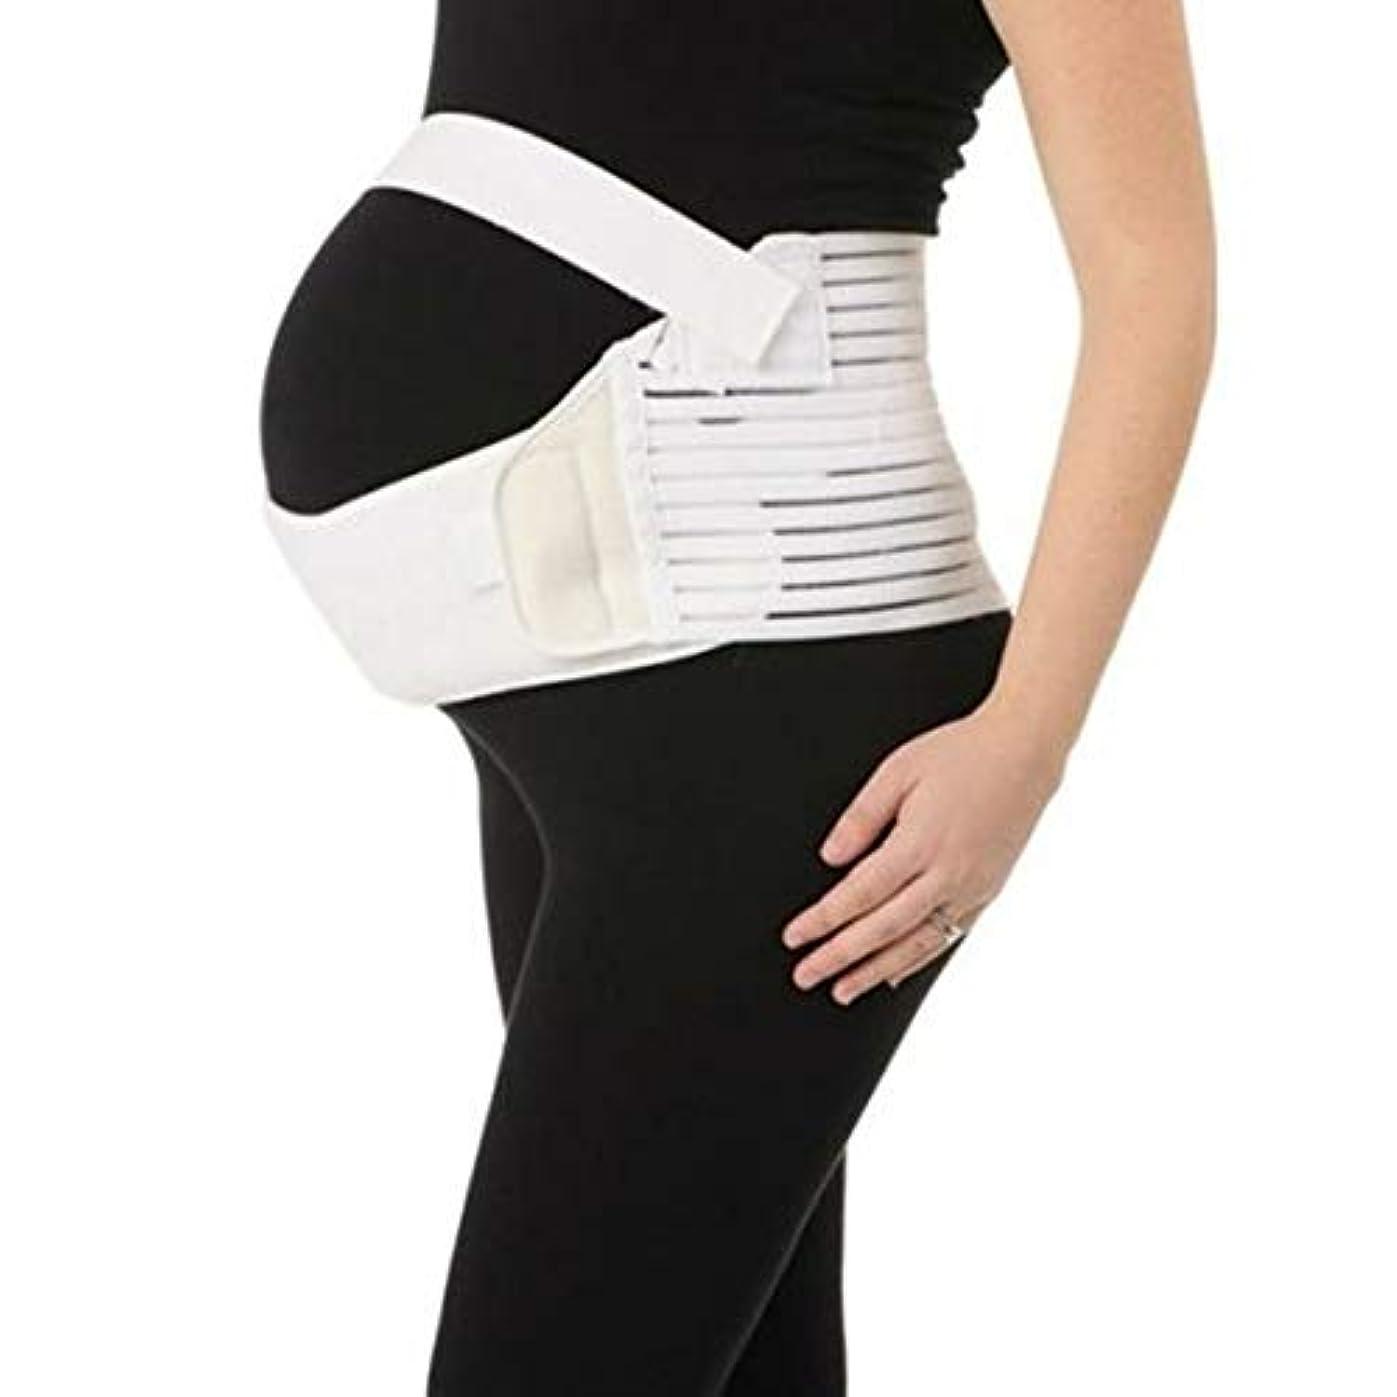 トレーダーダッシュキャベツ通気性産科ベルト妊娠腹部サポート腹部バインダーガードル運動包帯産後の回復形状ウェア - ホワイトM